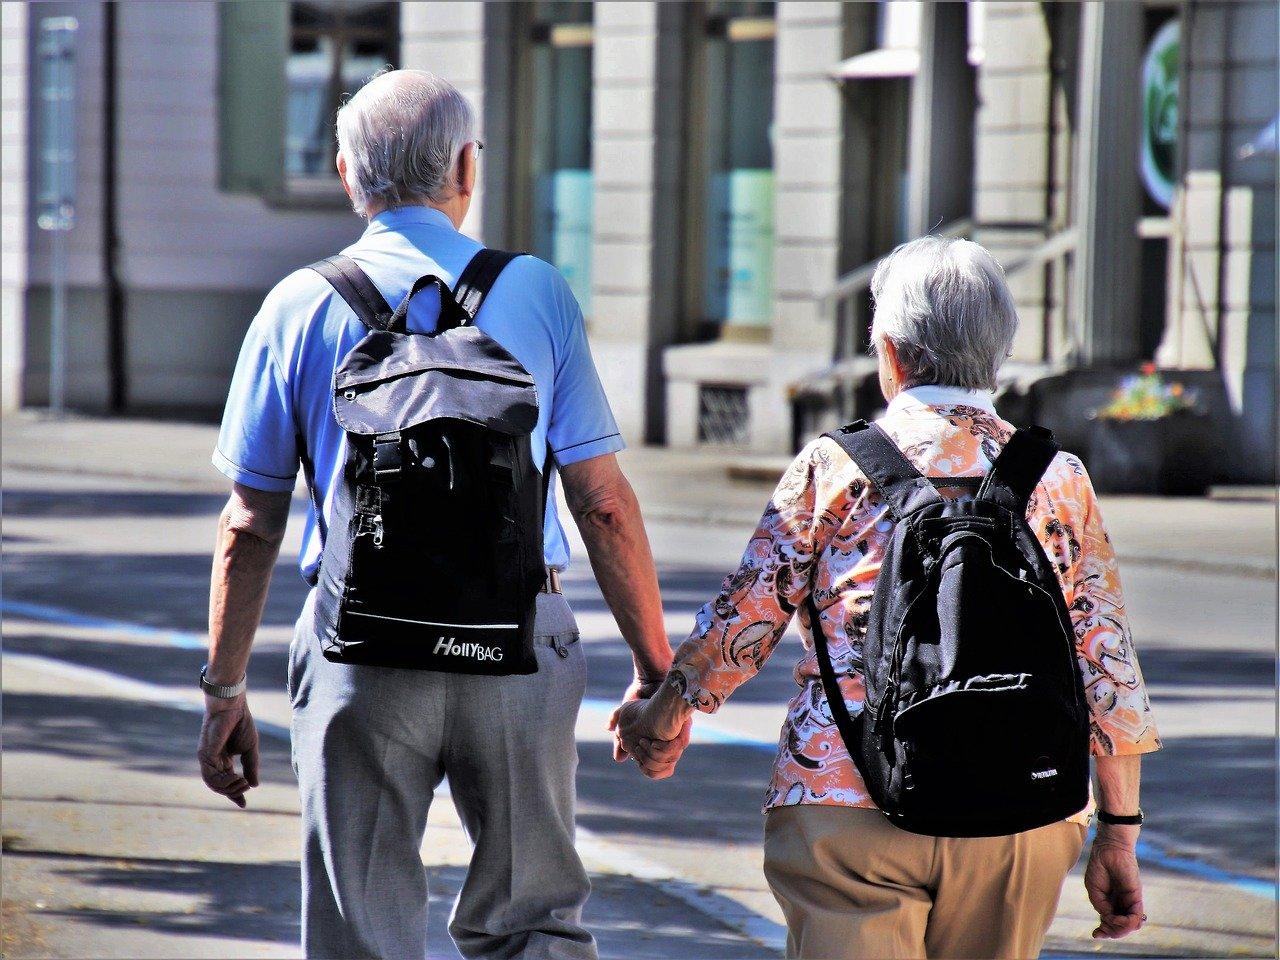 Griechenland wird ausländische Rentner mit einem einheitlichen Steuersatz von 7% ansprechen, um die wirtschaftliche Erholung zu unterstützen